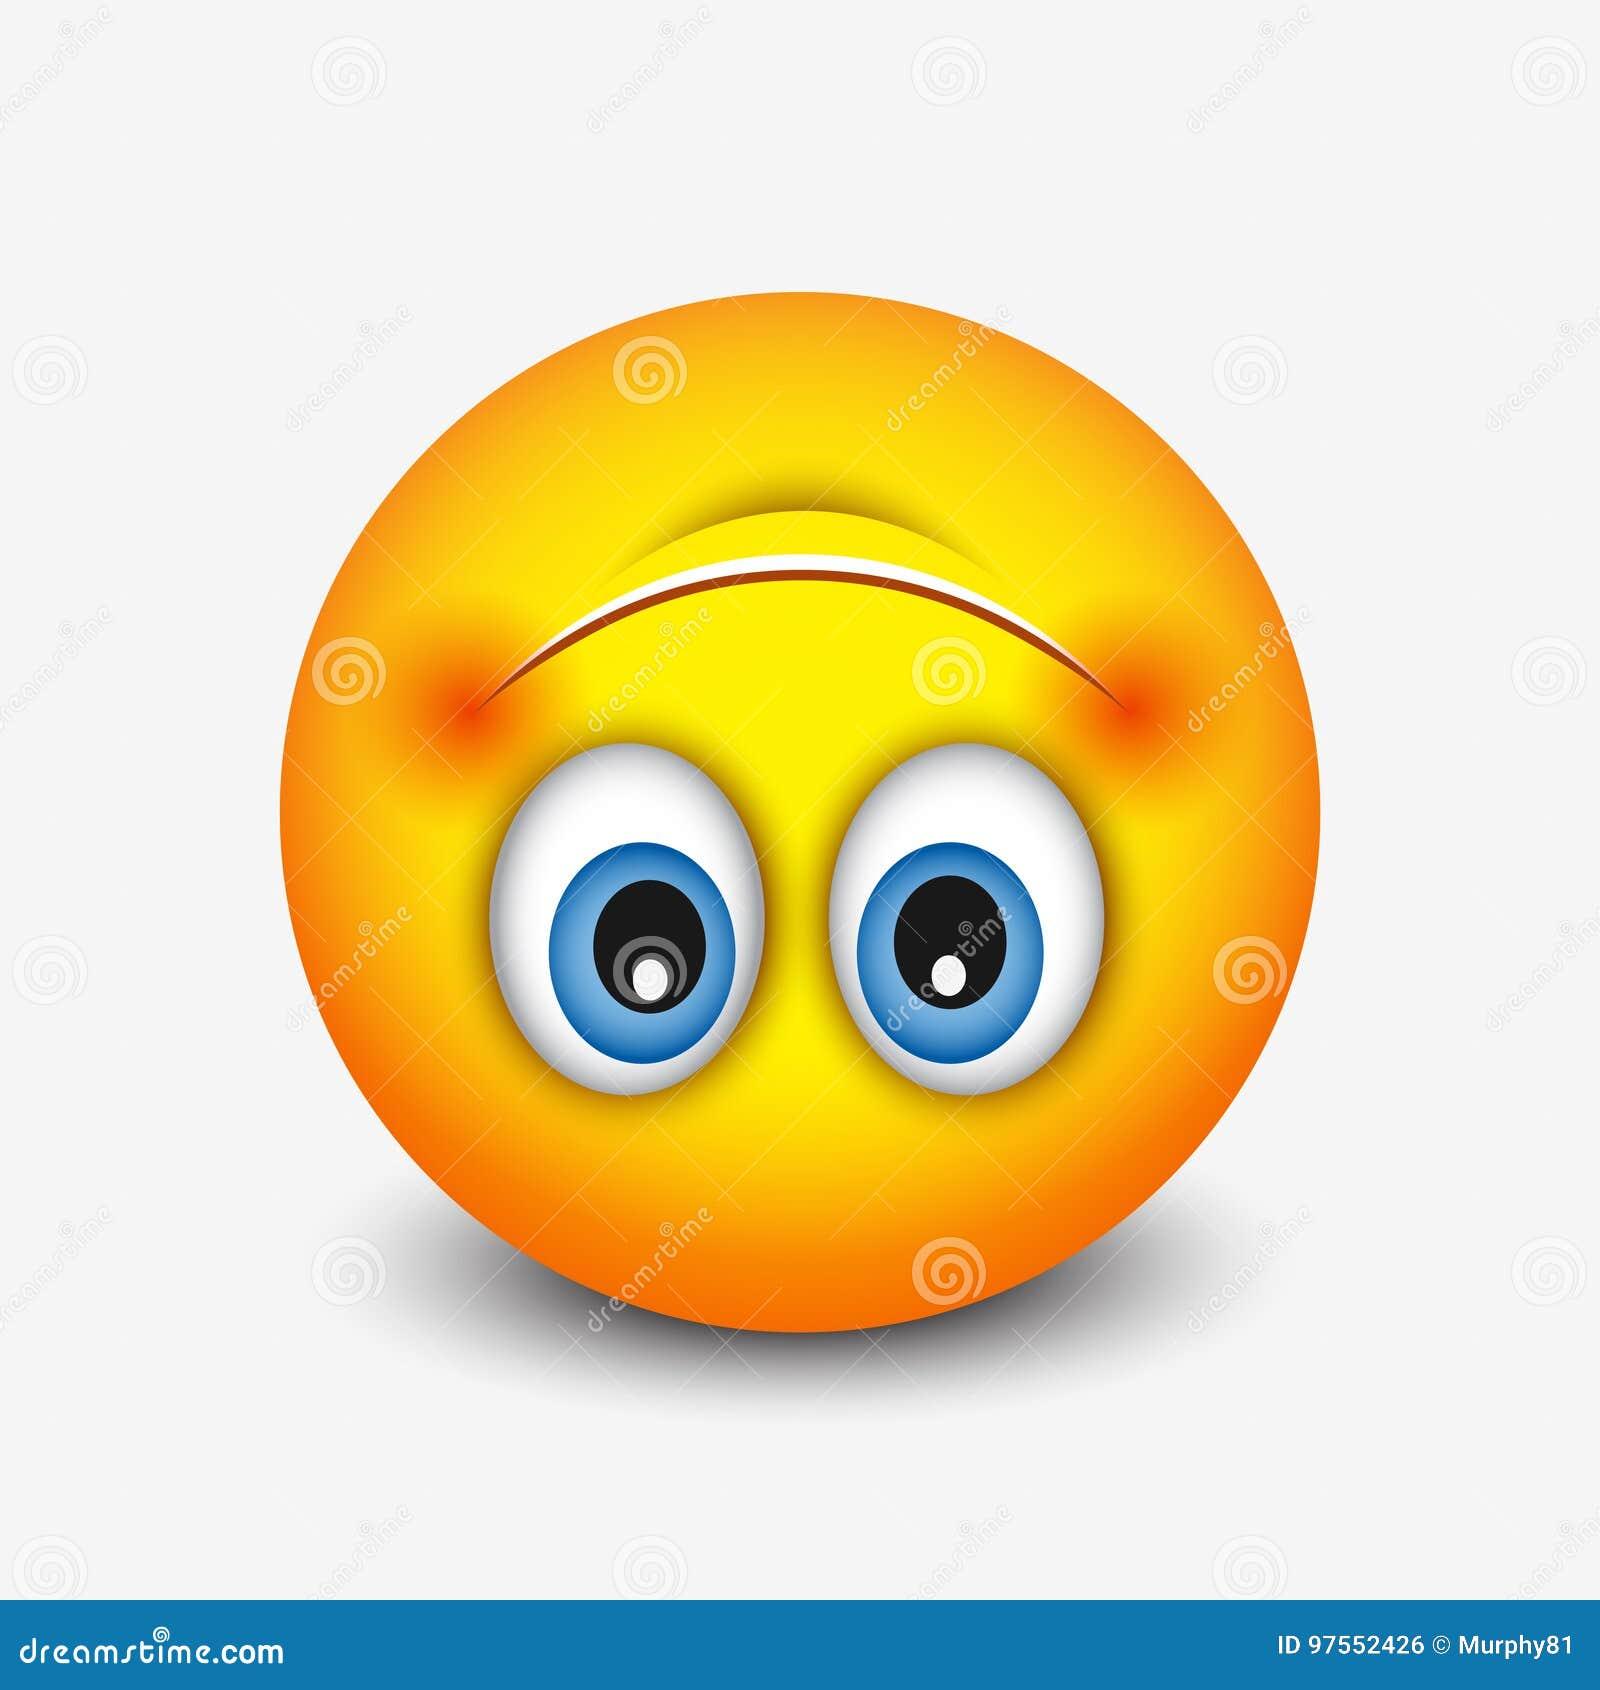 Auf dem kopf bedeutet emoticon was Emoji Hand